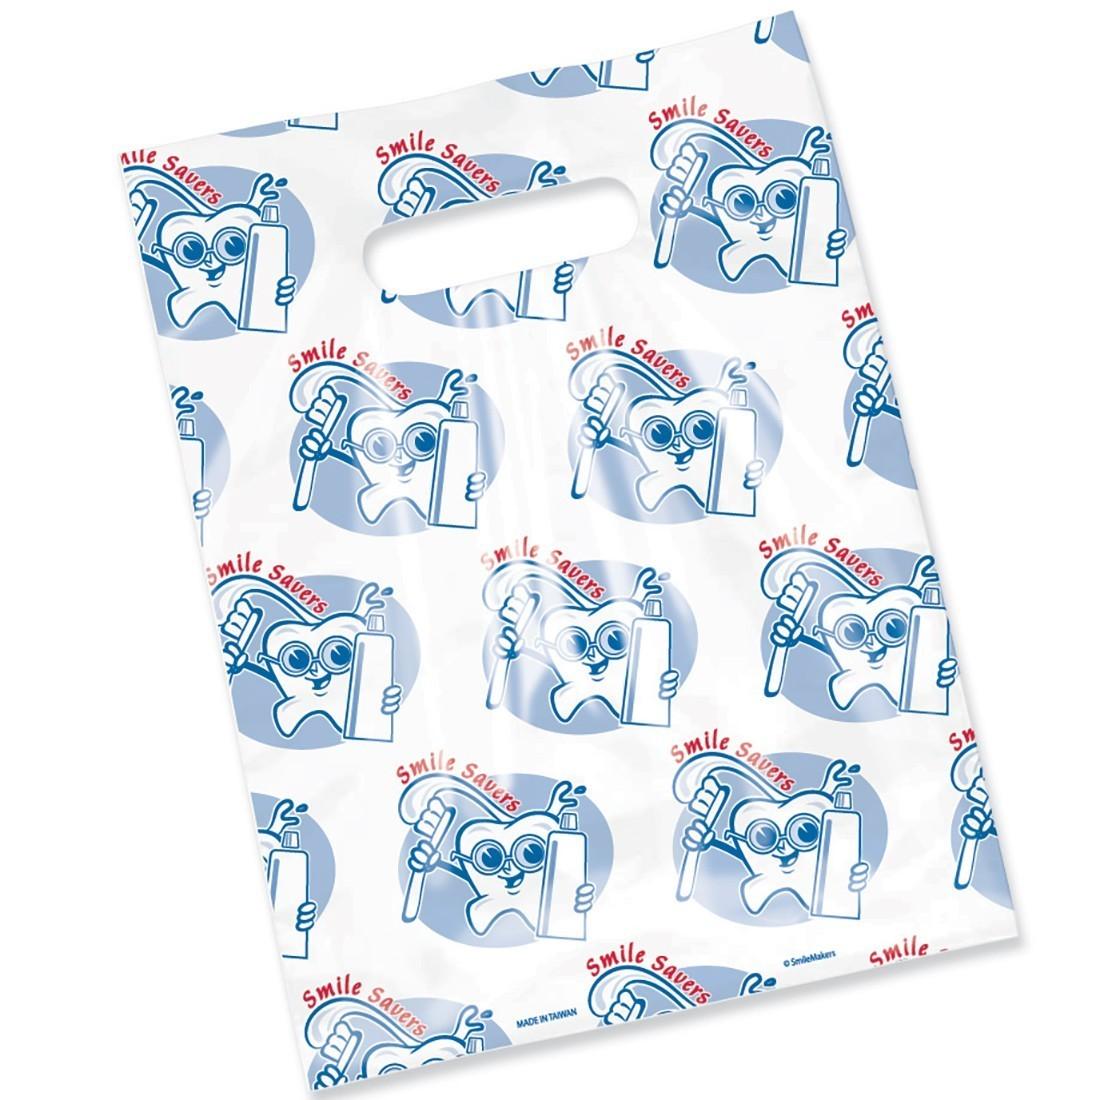 Ter Print Smile Savers Bags Image Slider 0